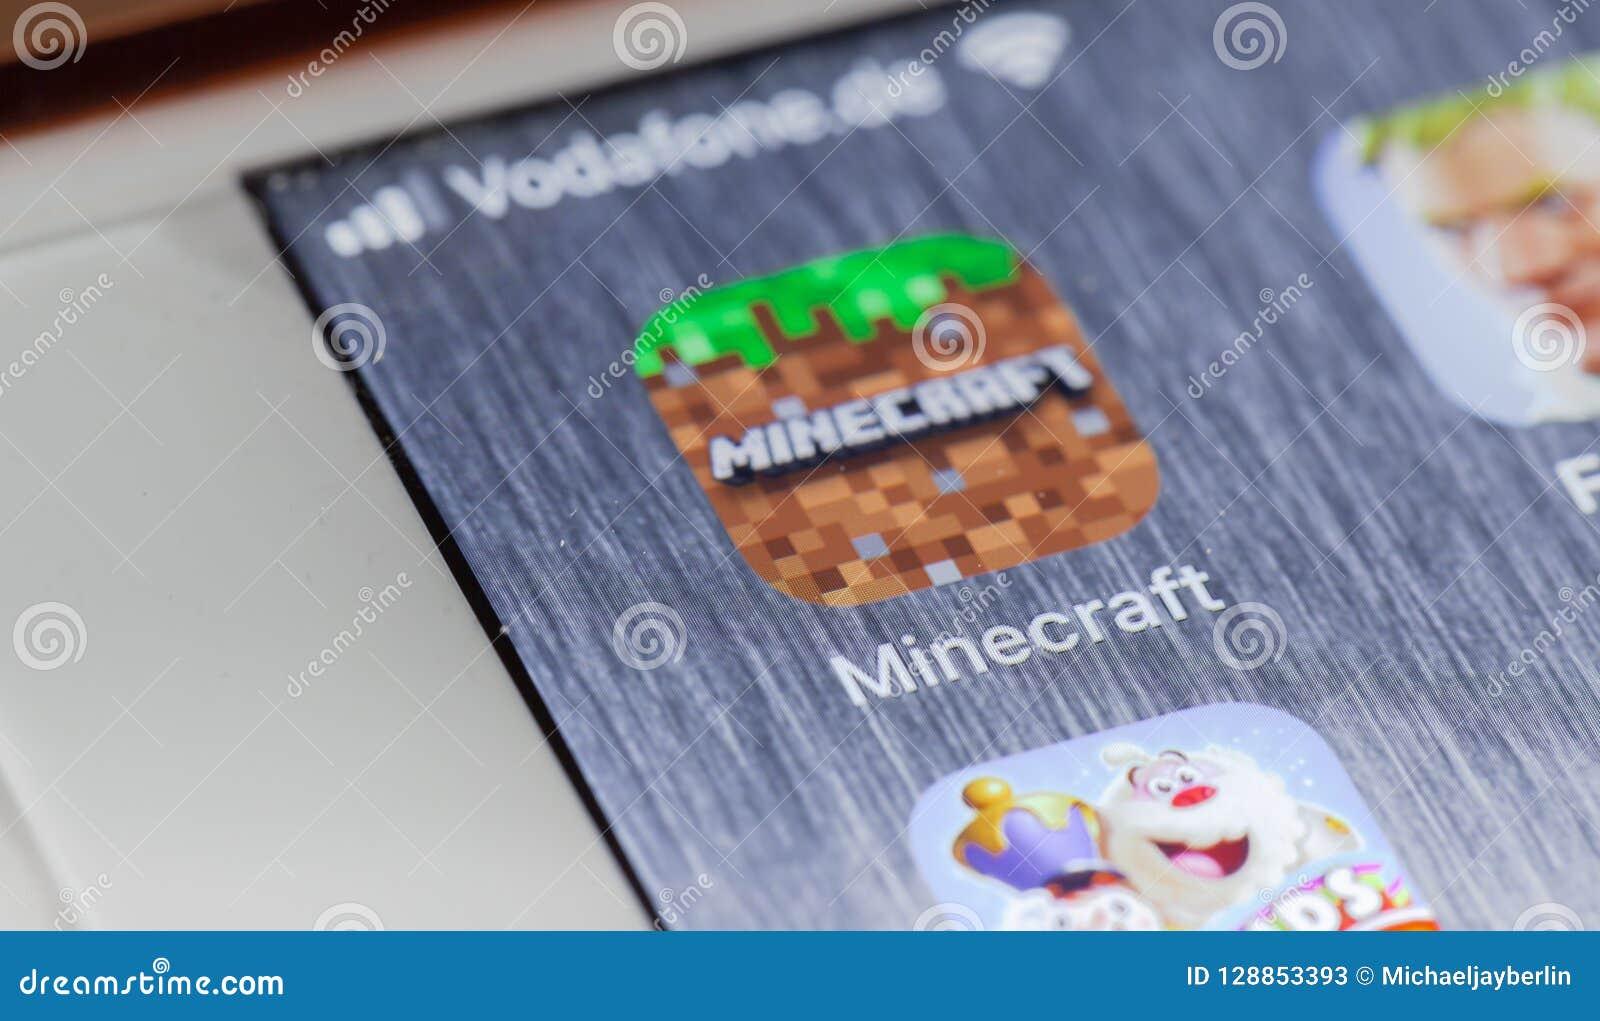 Jeu App De Minecraft Sur Lécran Cassé Diphone Photo Stock